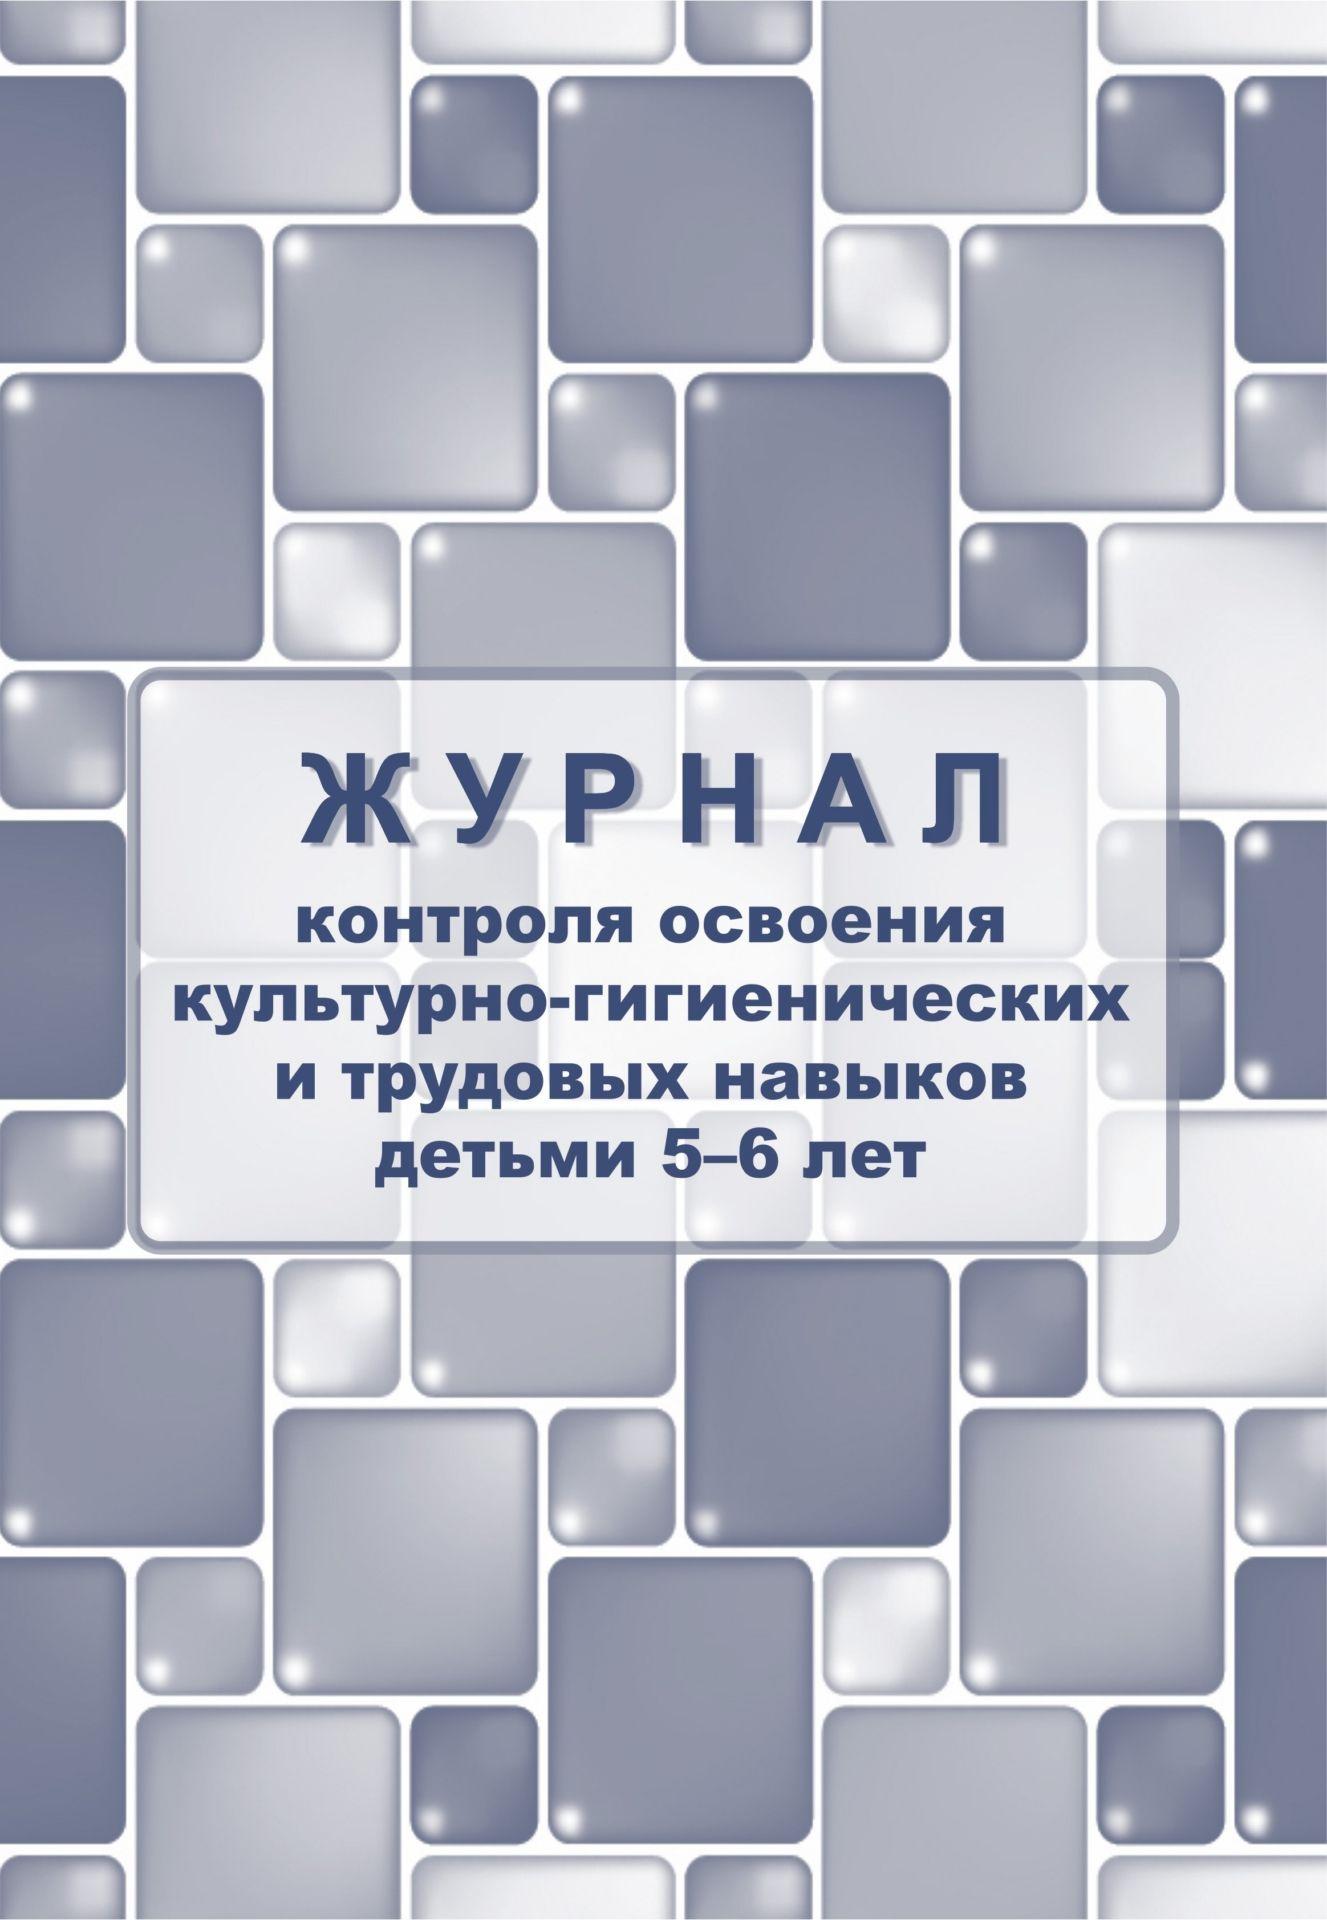 Журнал контроля по освоению культурно-гигиенических и трудовых навыков  детьми 5-6 лет